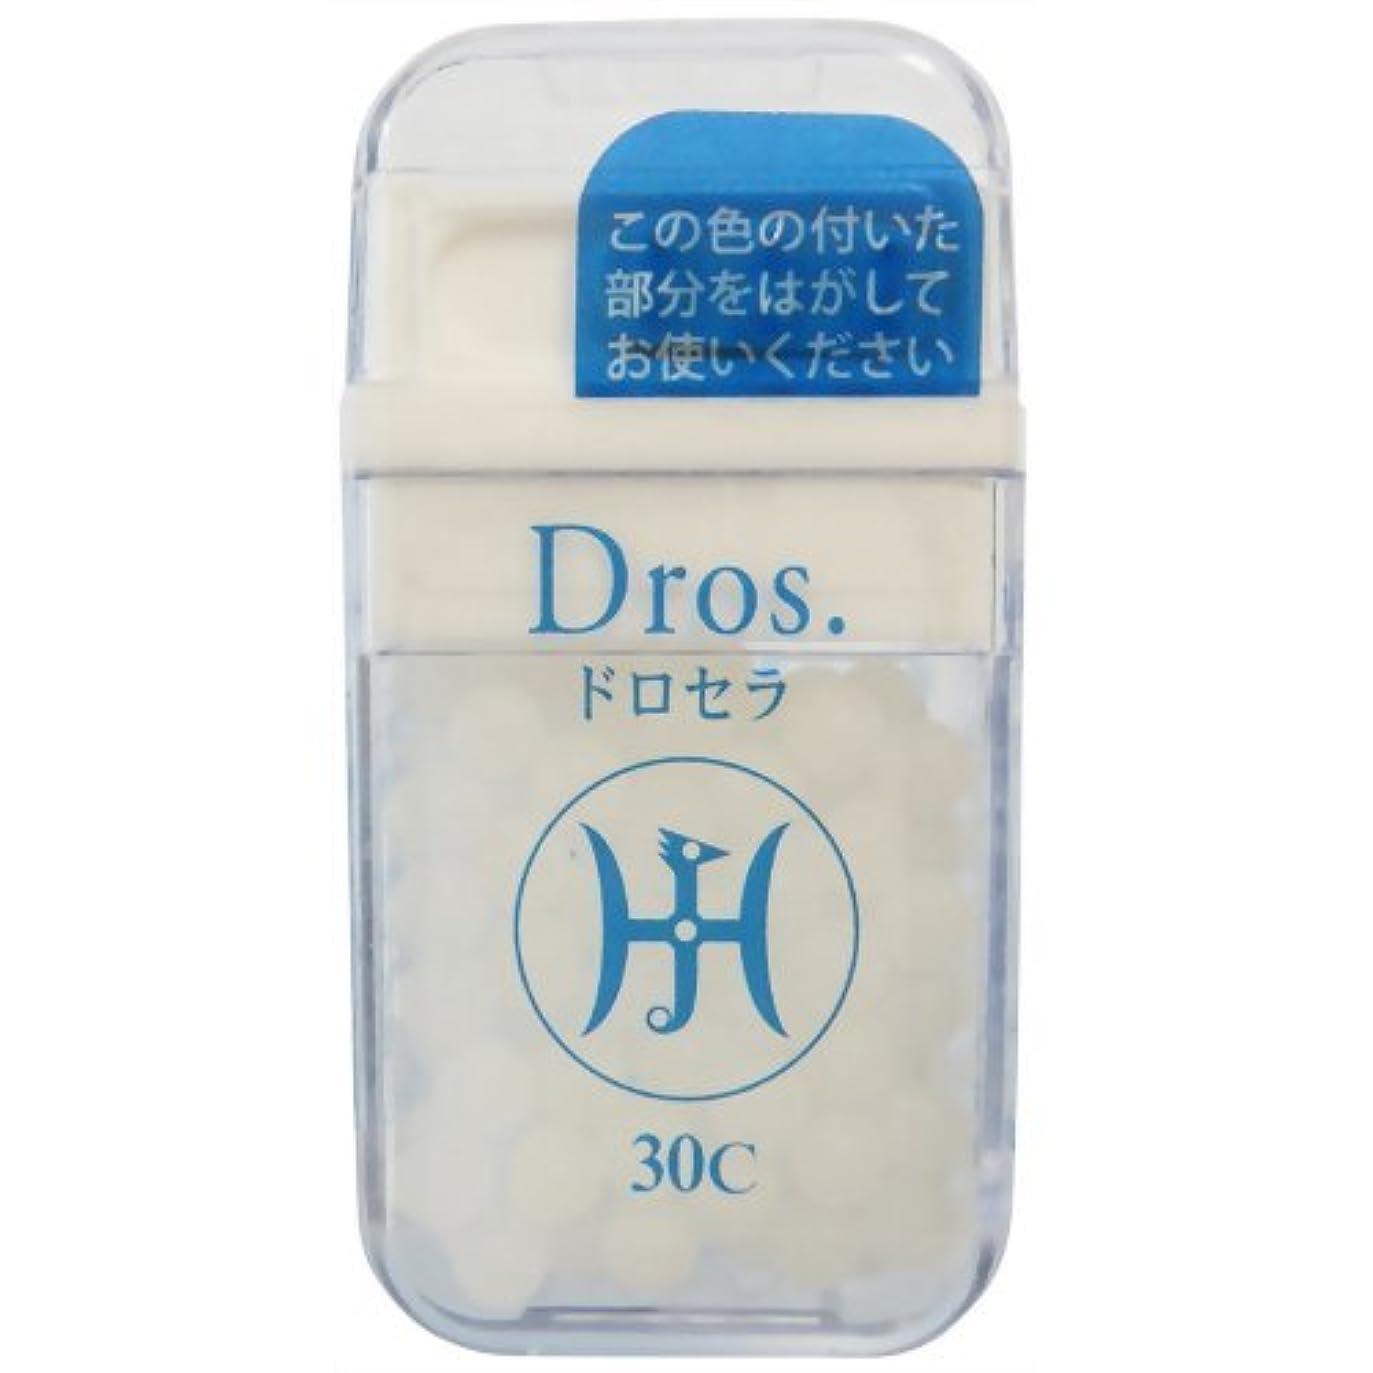 ホメオパシージャパンレメディー Dros.  ドロセラ 30C (大ビン)